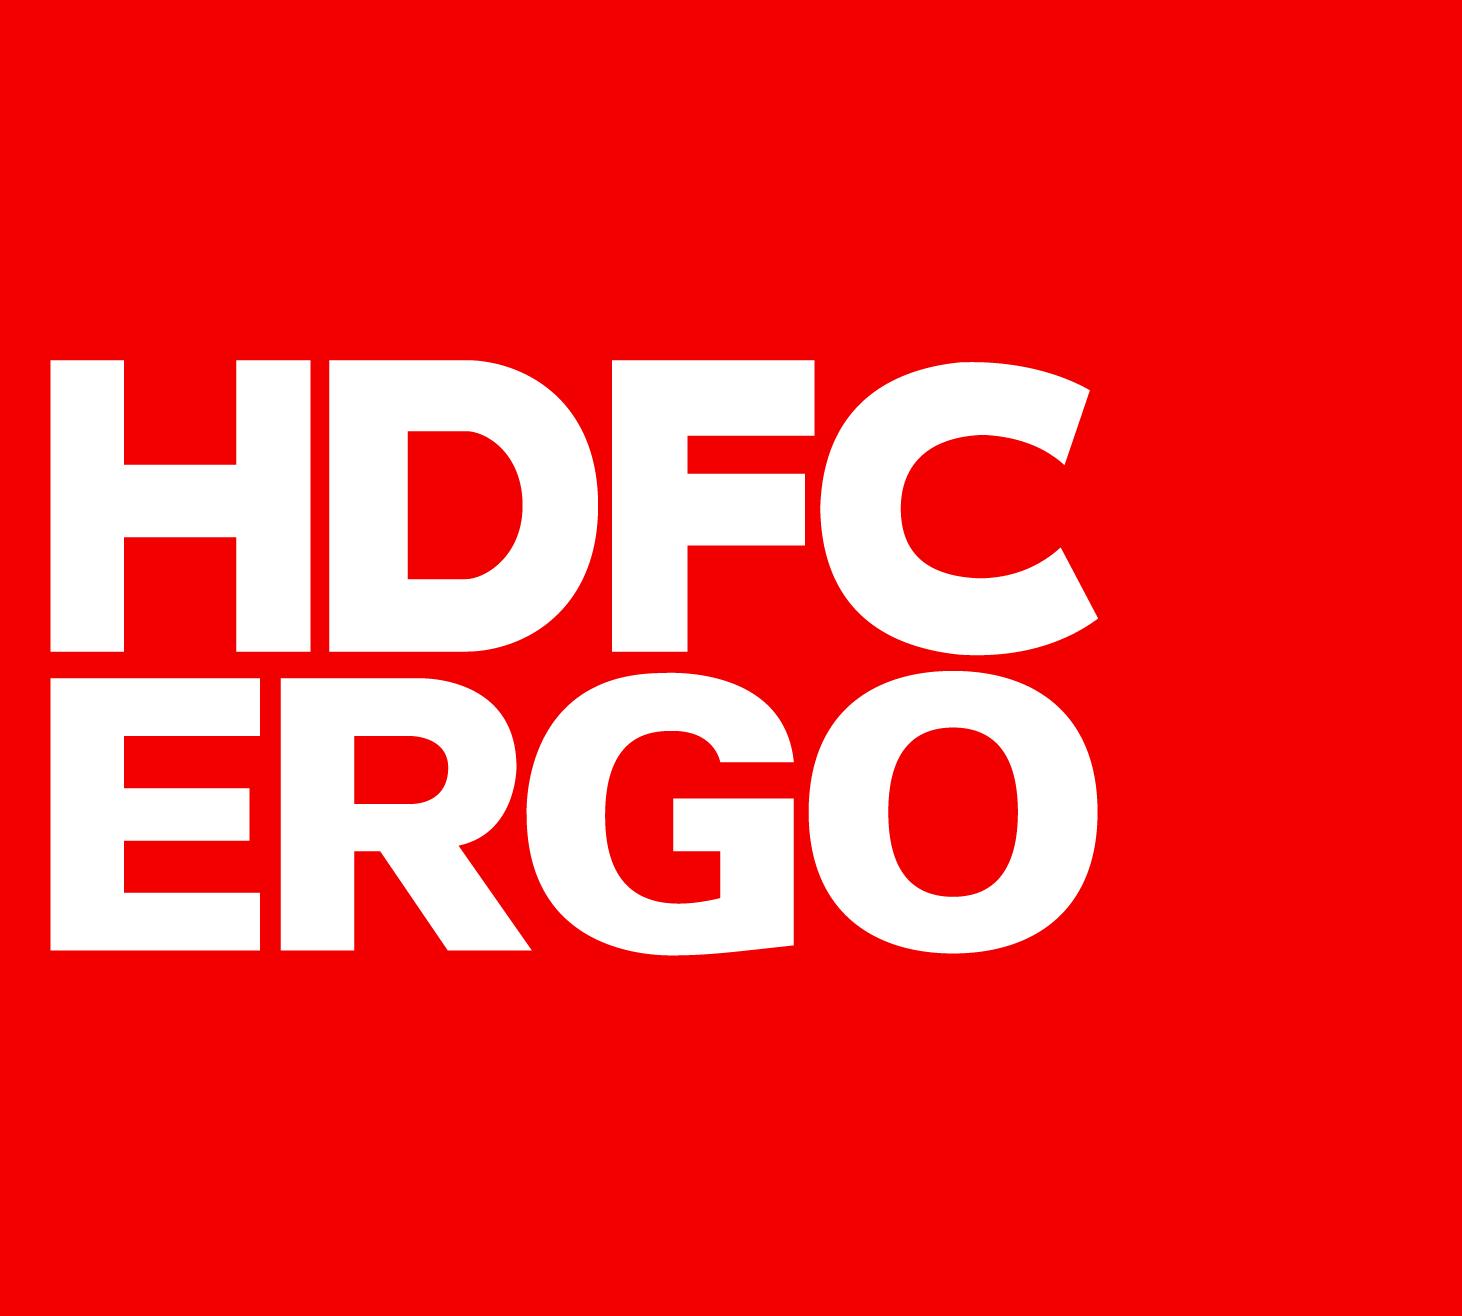 HDFC ERGO Logo png